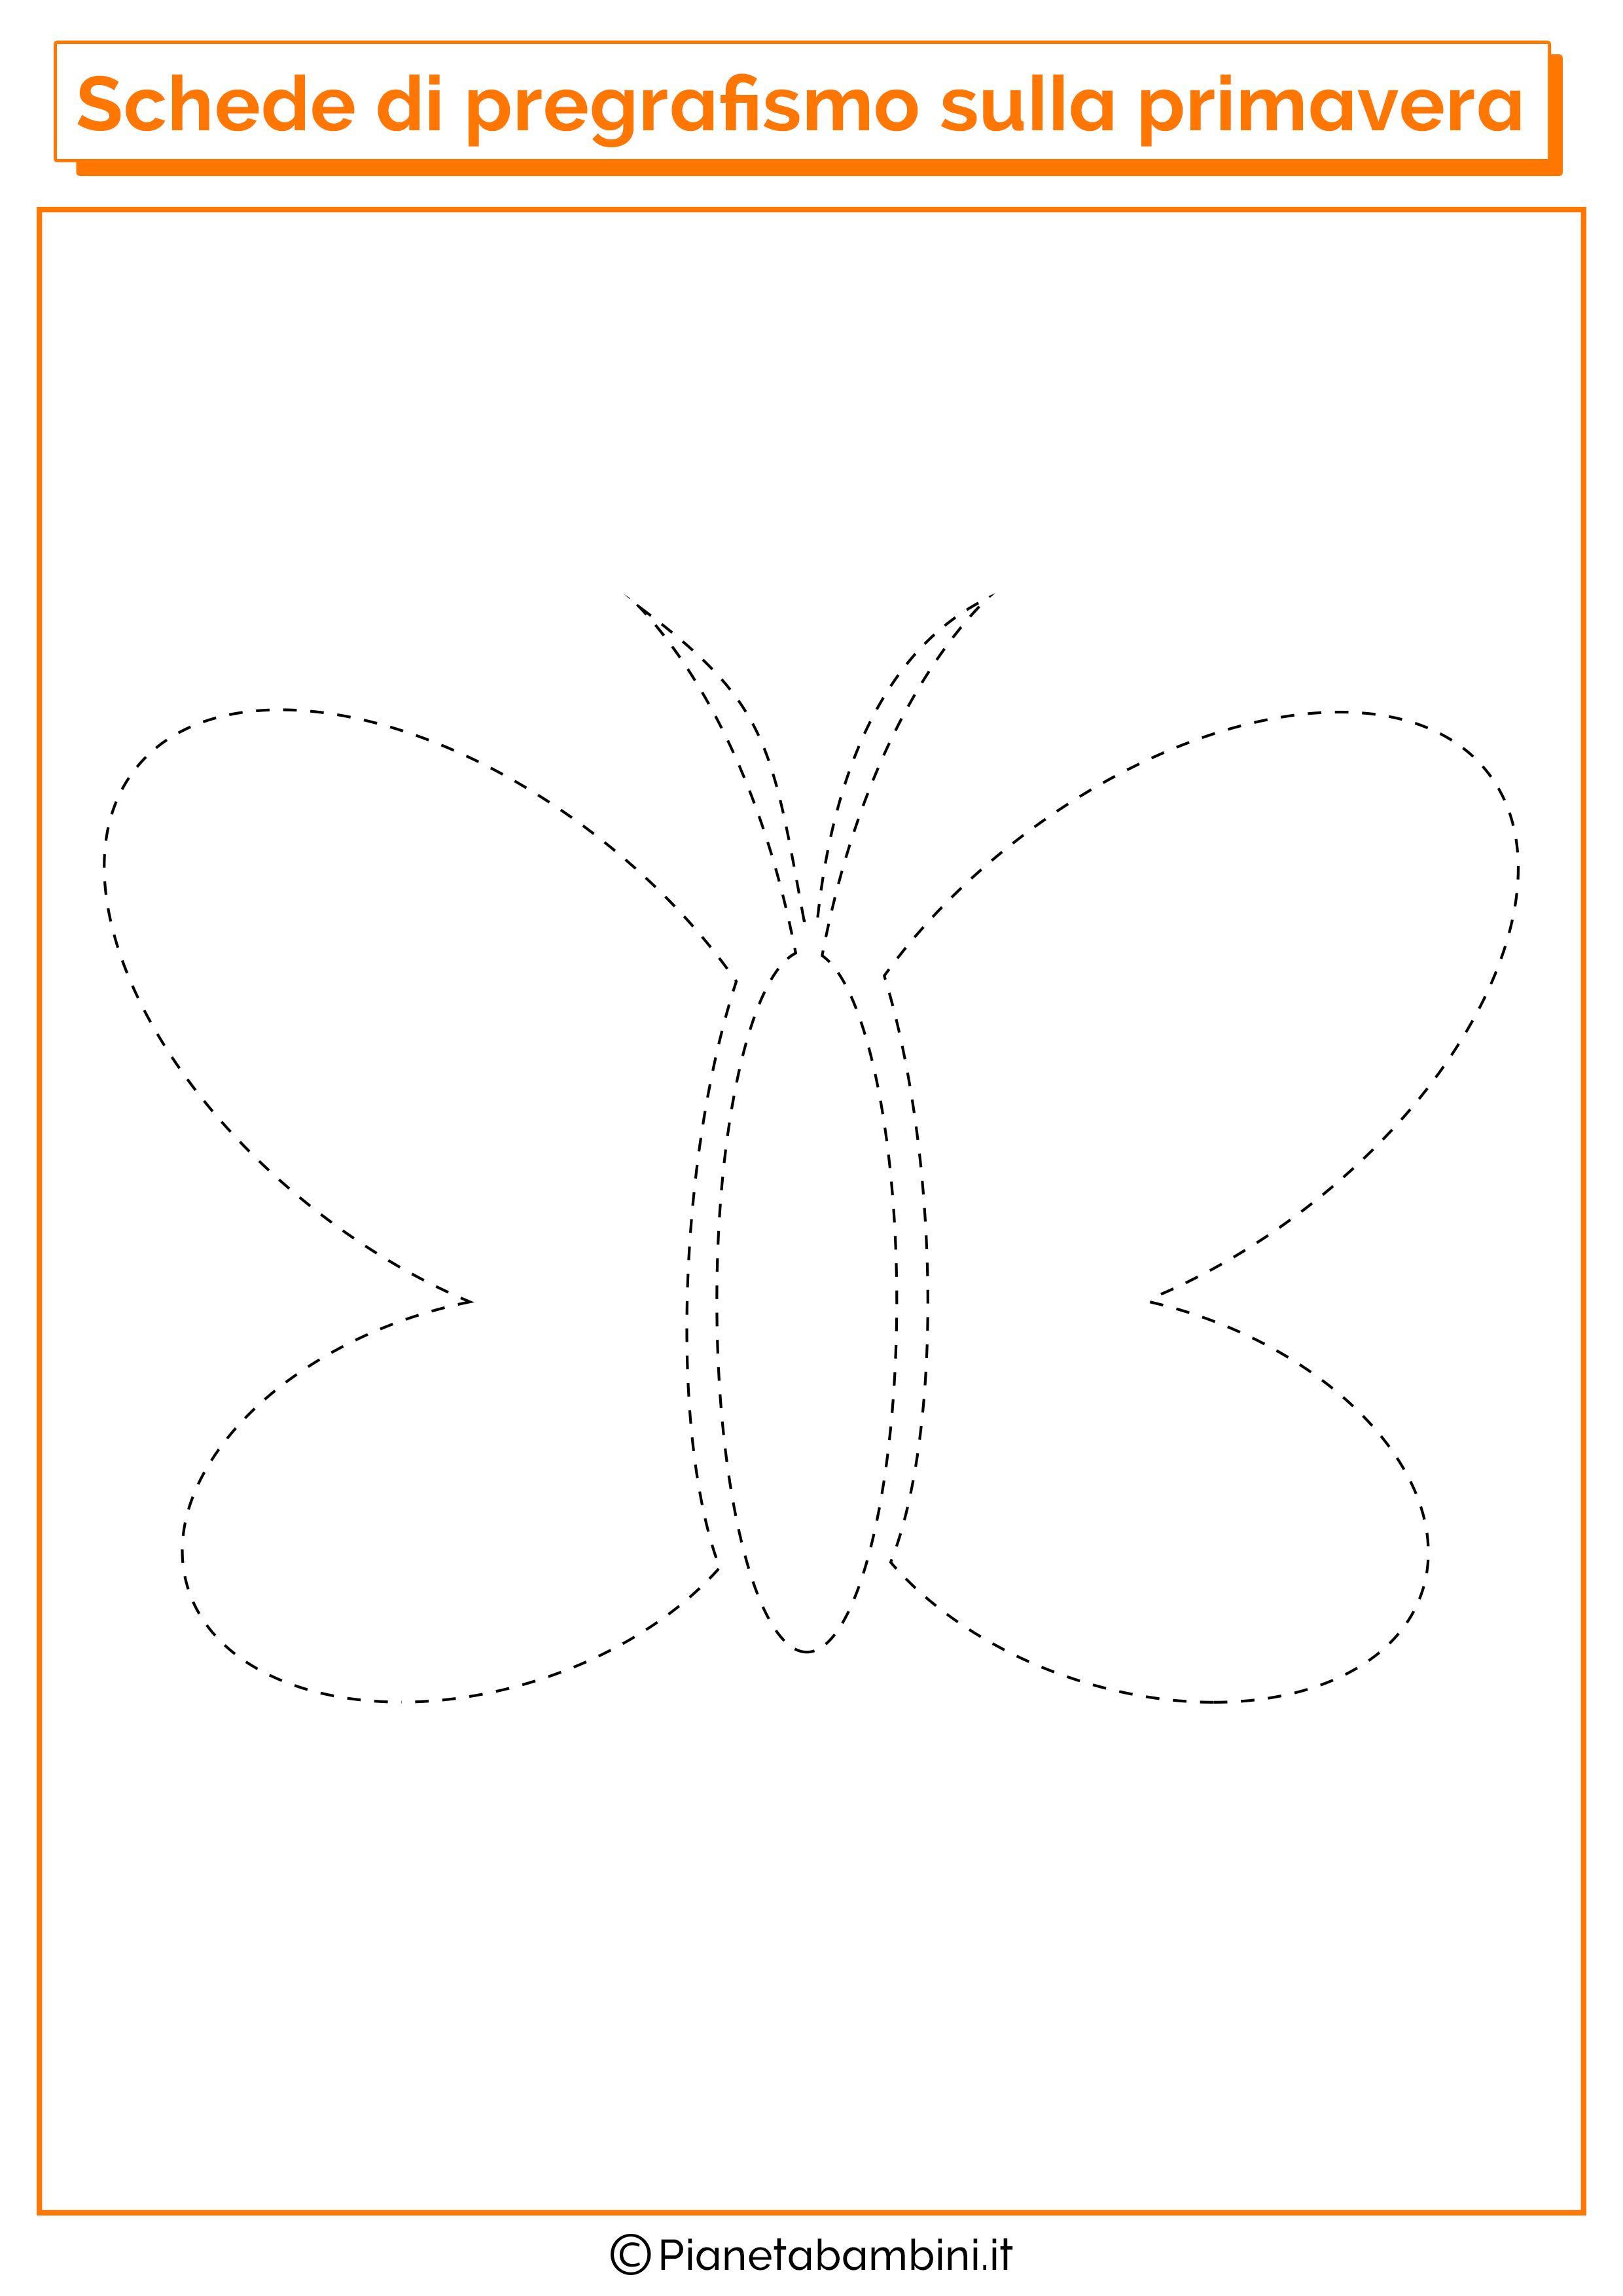 Pregrafismo-Primavera-Farfalla-2